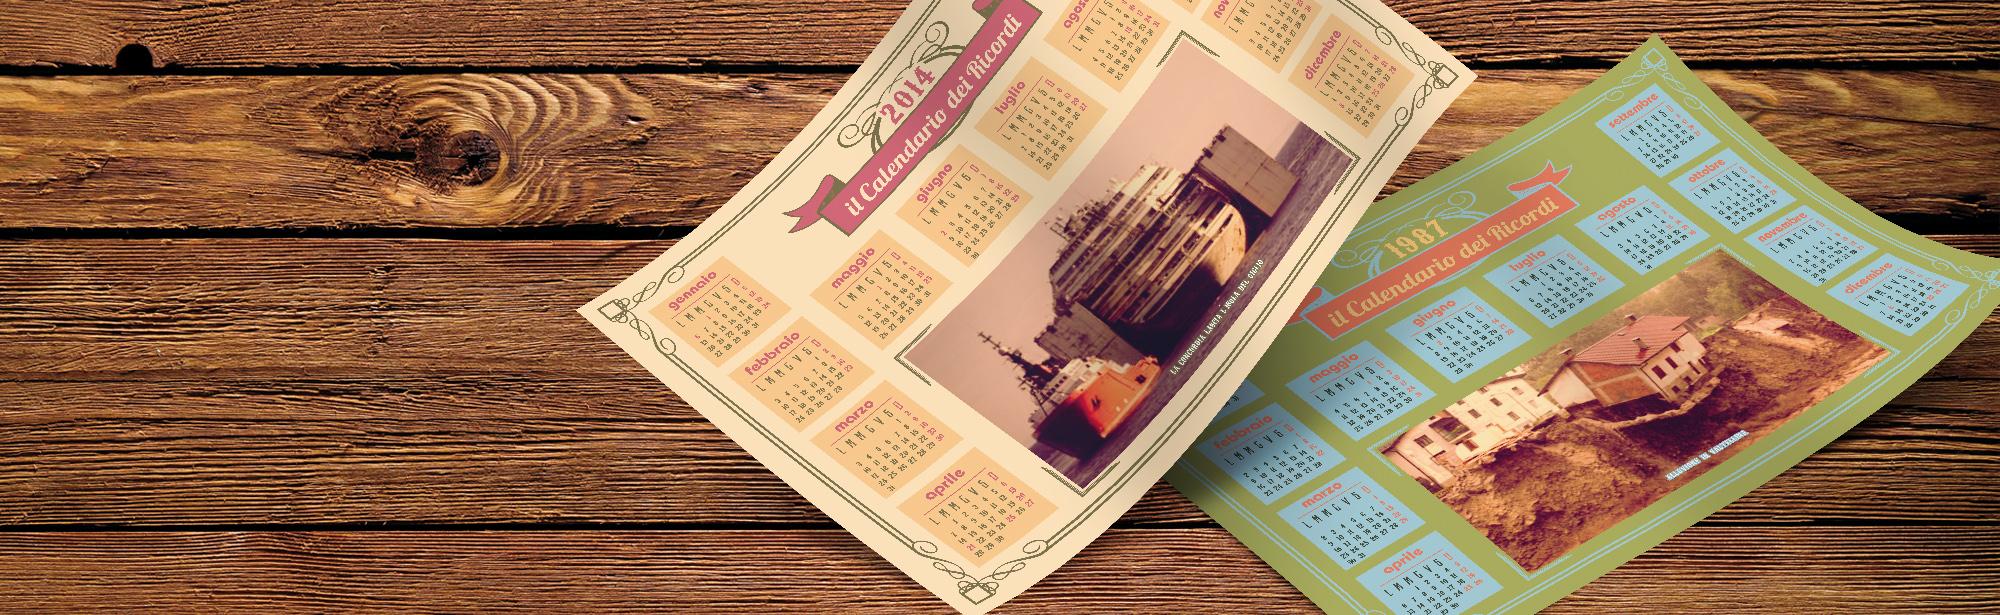 Calendario Anno 1980.Calendario Dei Ricordi Archives Pagina 4 Di 7 Nomemio